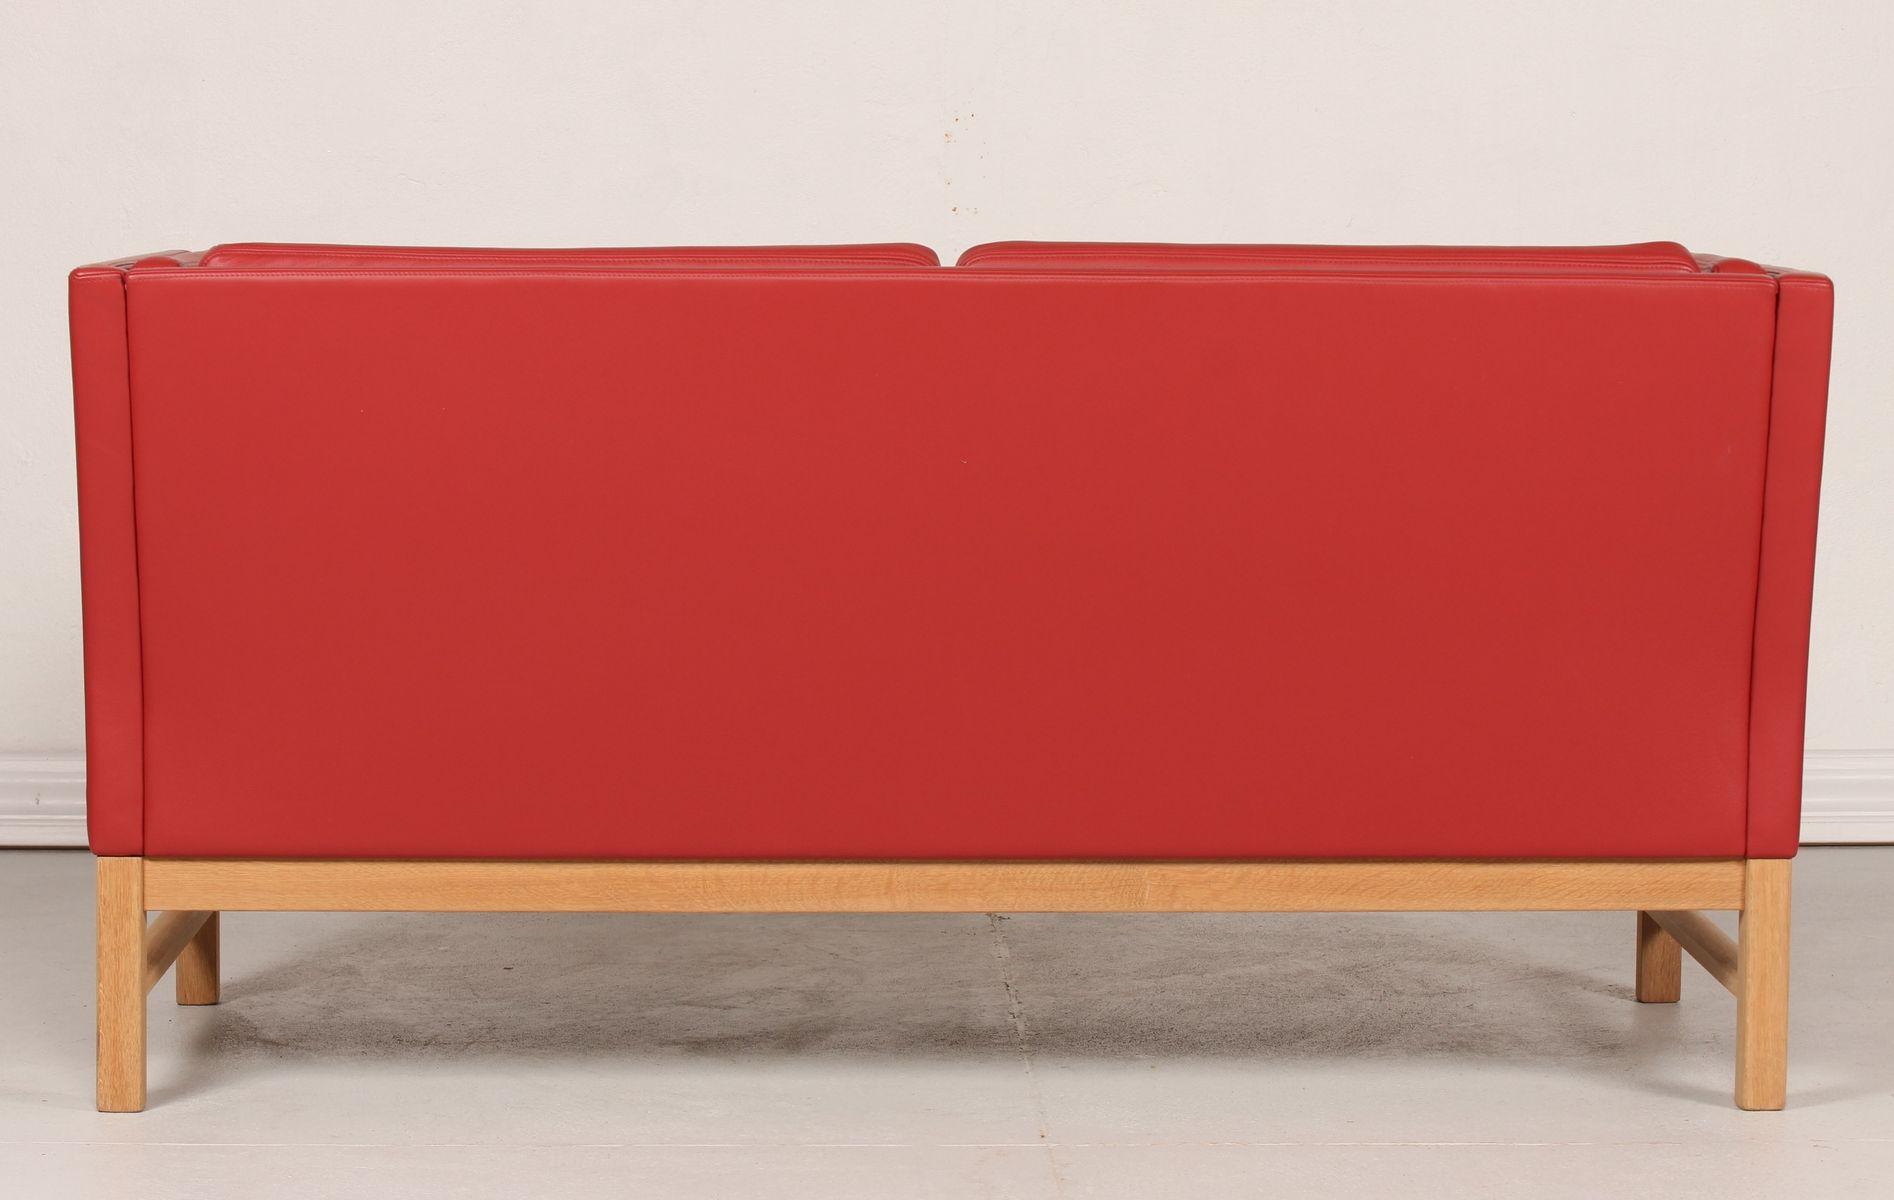 d nisches rotes ej 315 2 ledersofa von erik ole j rgensen 1980er bei pamono kaufen. Black Bedroom Furniture Sets. Home Design Ideas